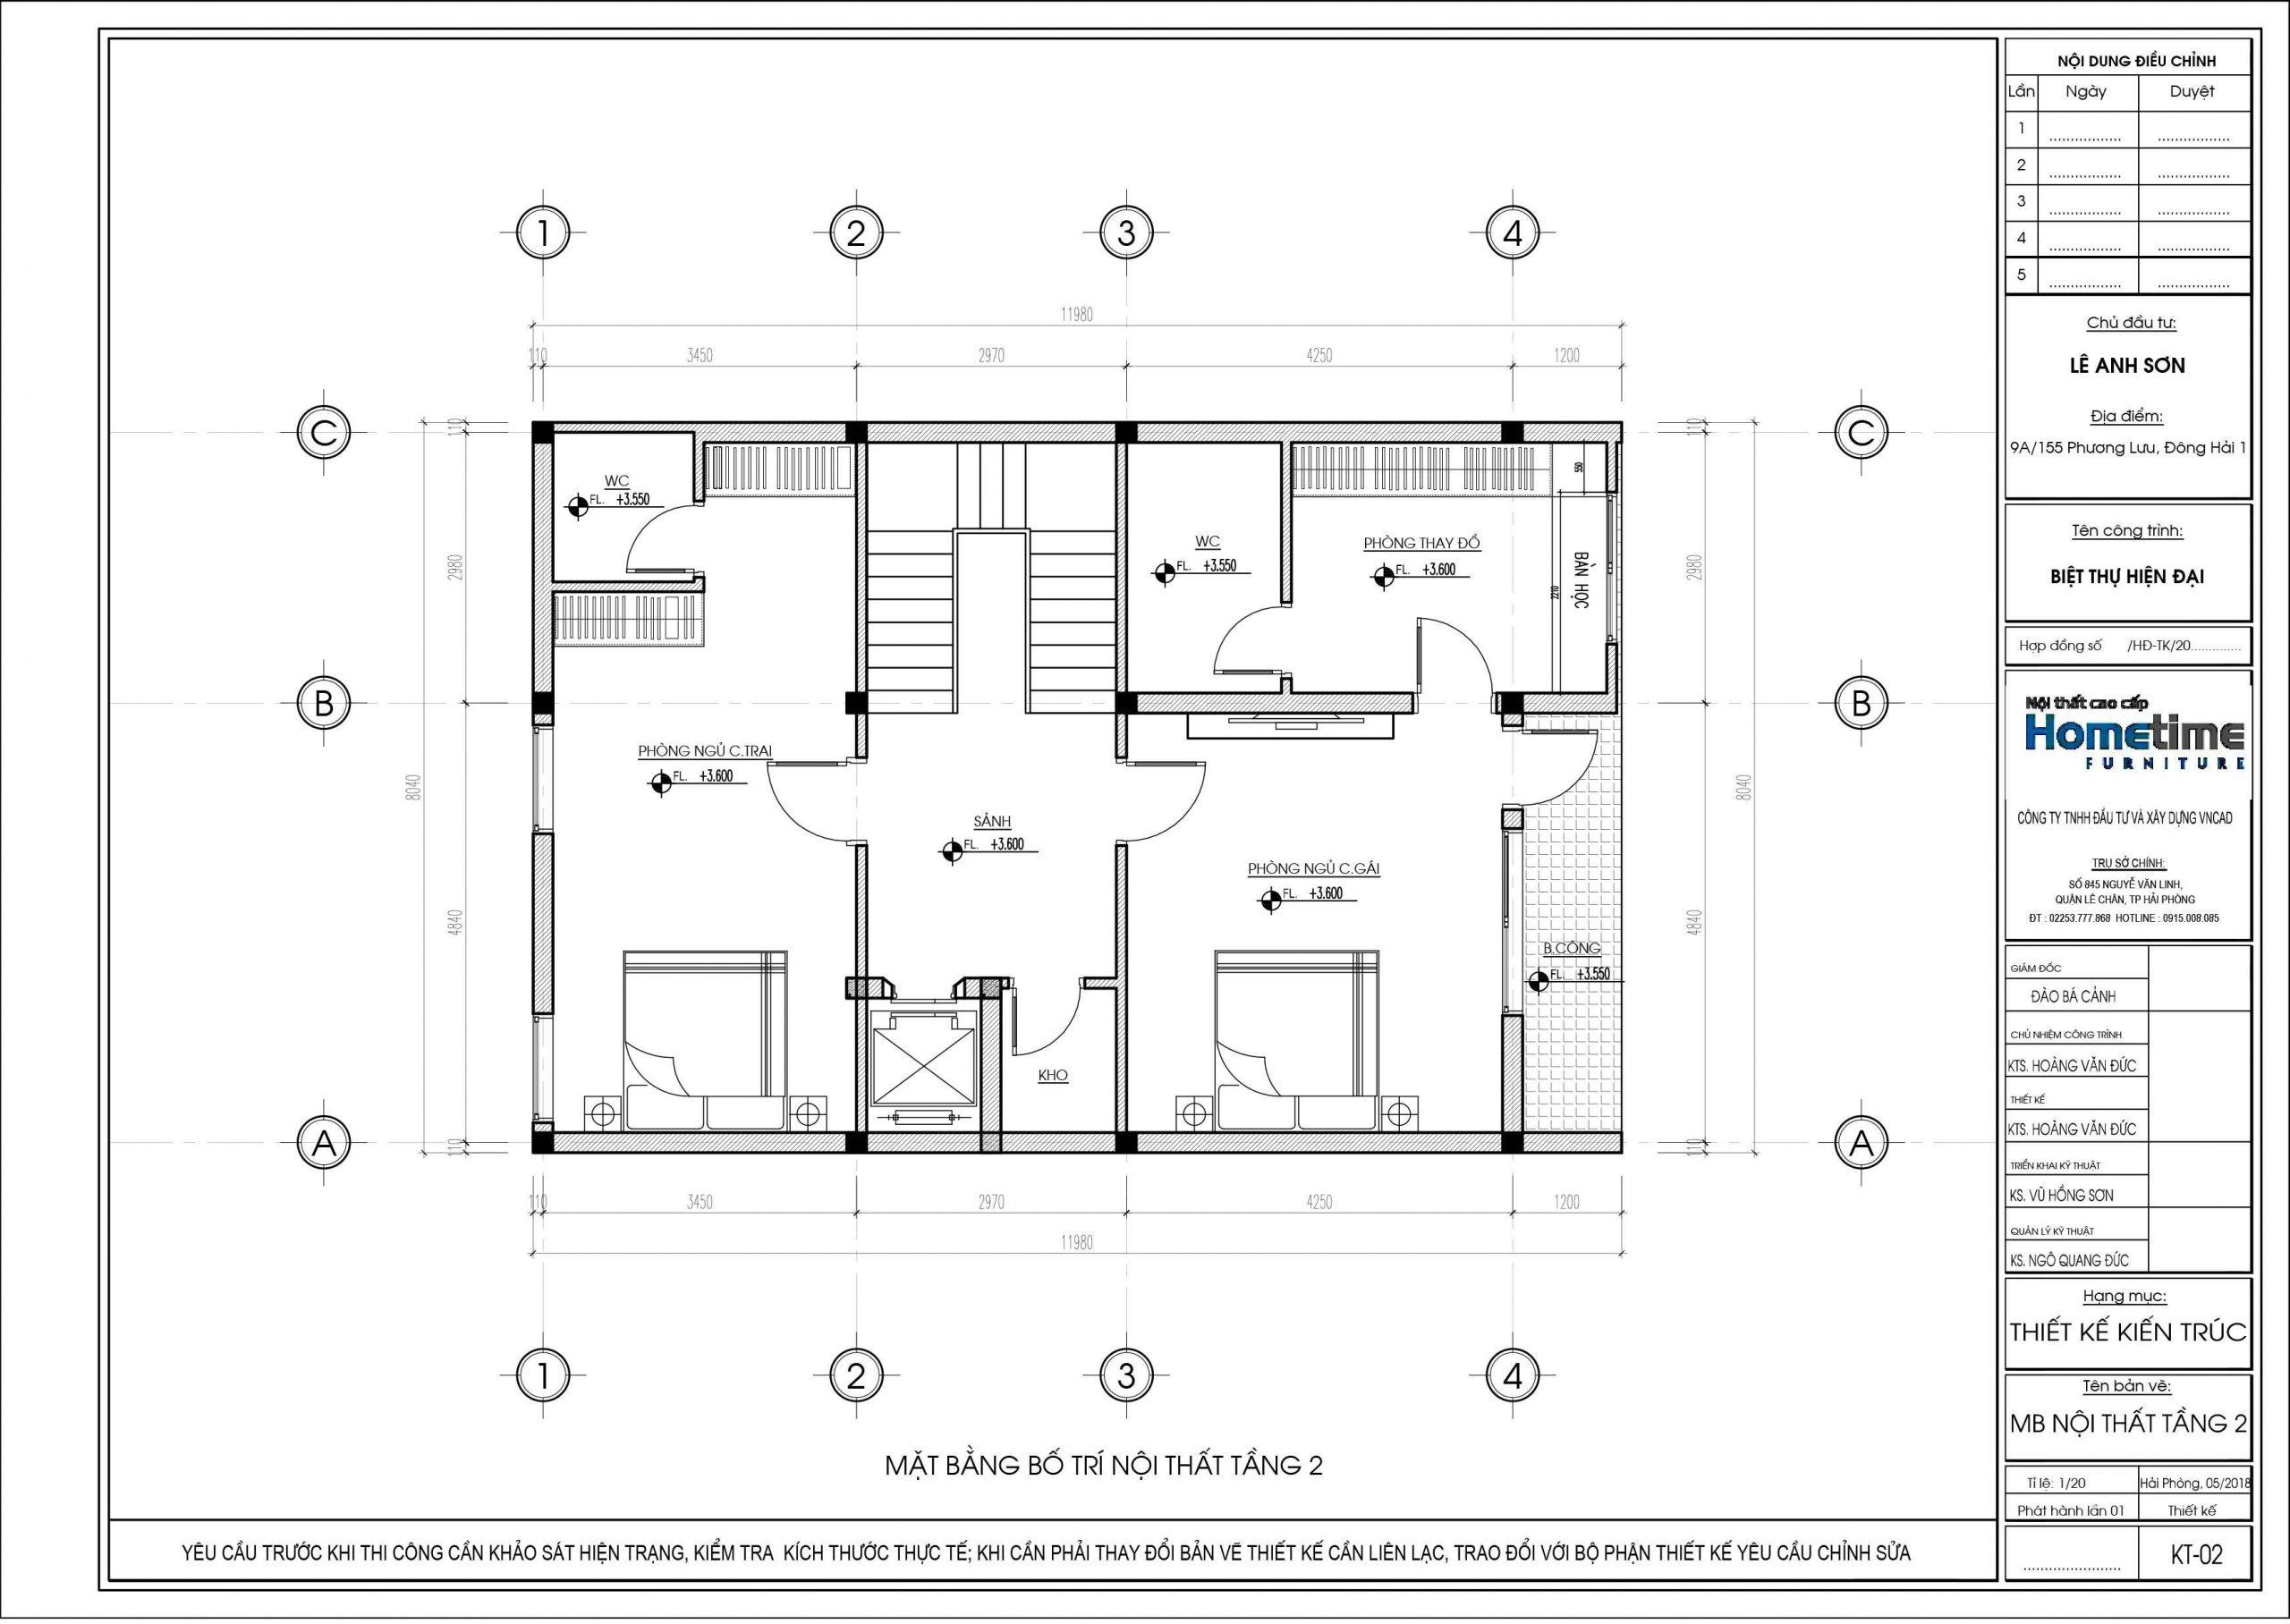 Bản thiết kế mặt bằng bố trí nội thất tầng hai